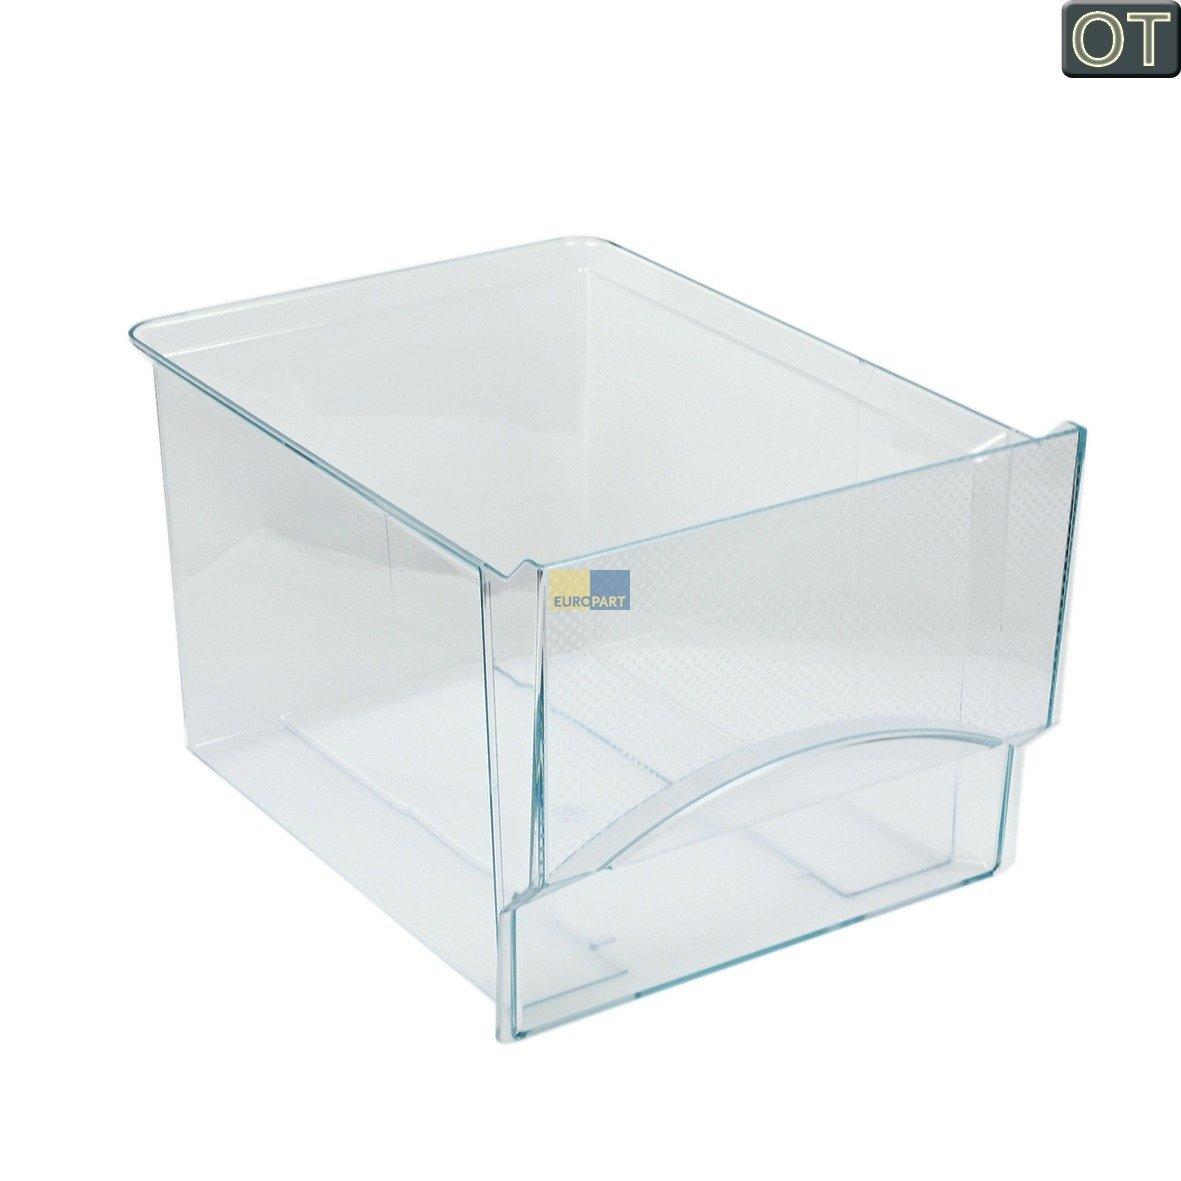 Liebherr - Ensaladera para frigorífico o congelador: Amazon.es: Hogar